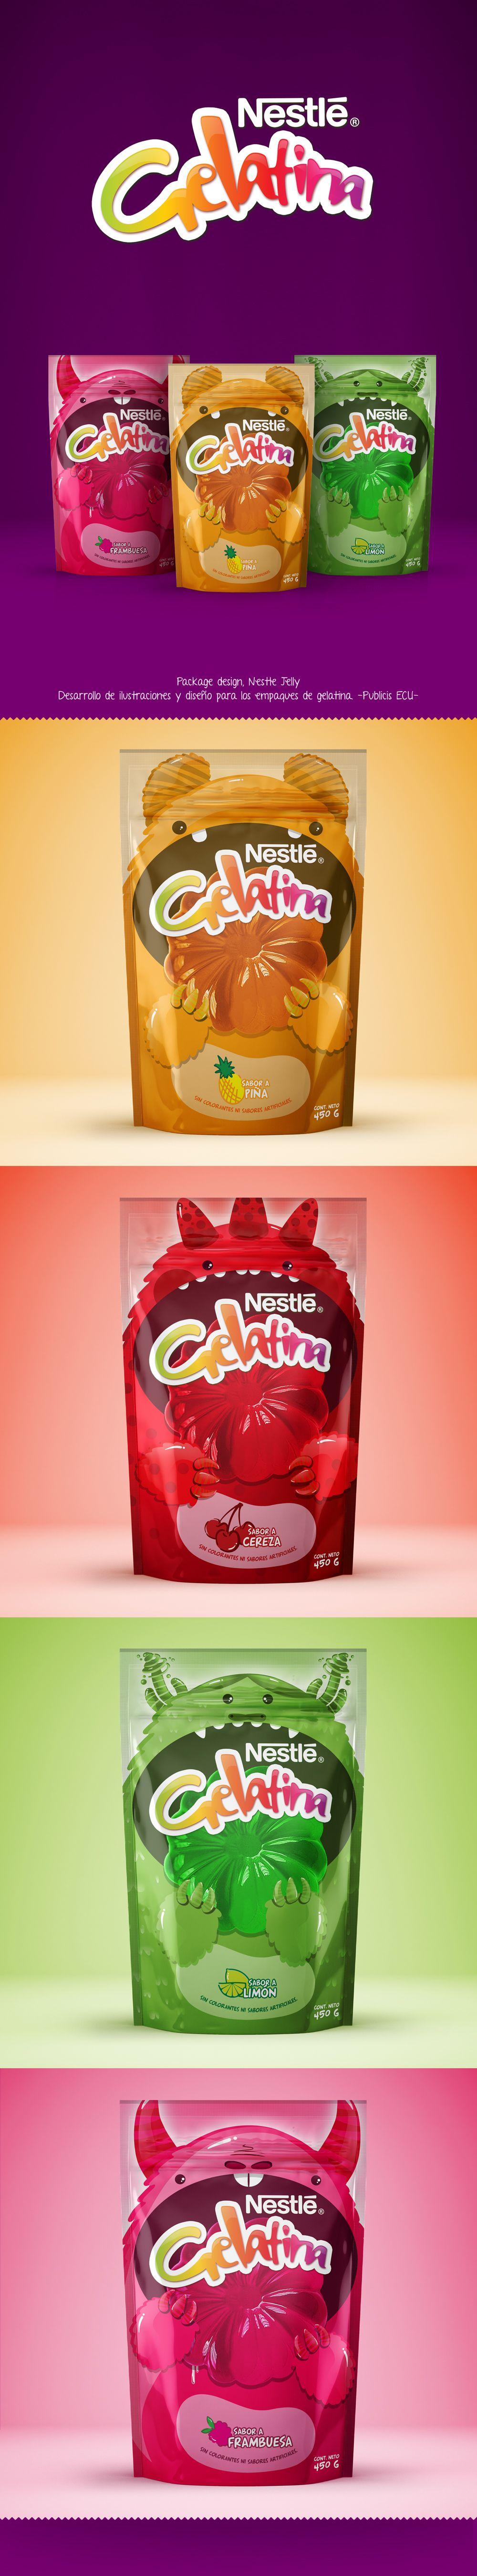 Desarrollo De Ilustraciones Para El Diseno De Empaques De Gelatina Nestle Food Packaging Design Food Packaging Packaging Design